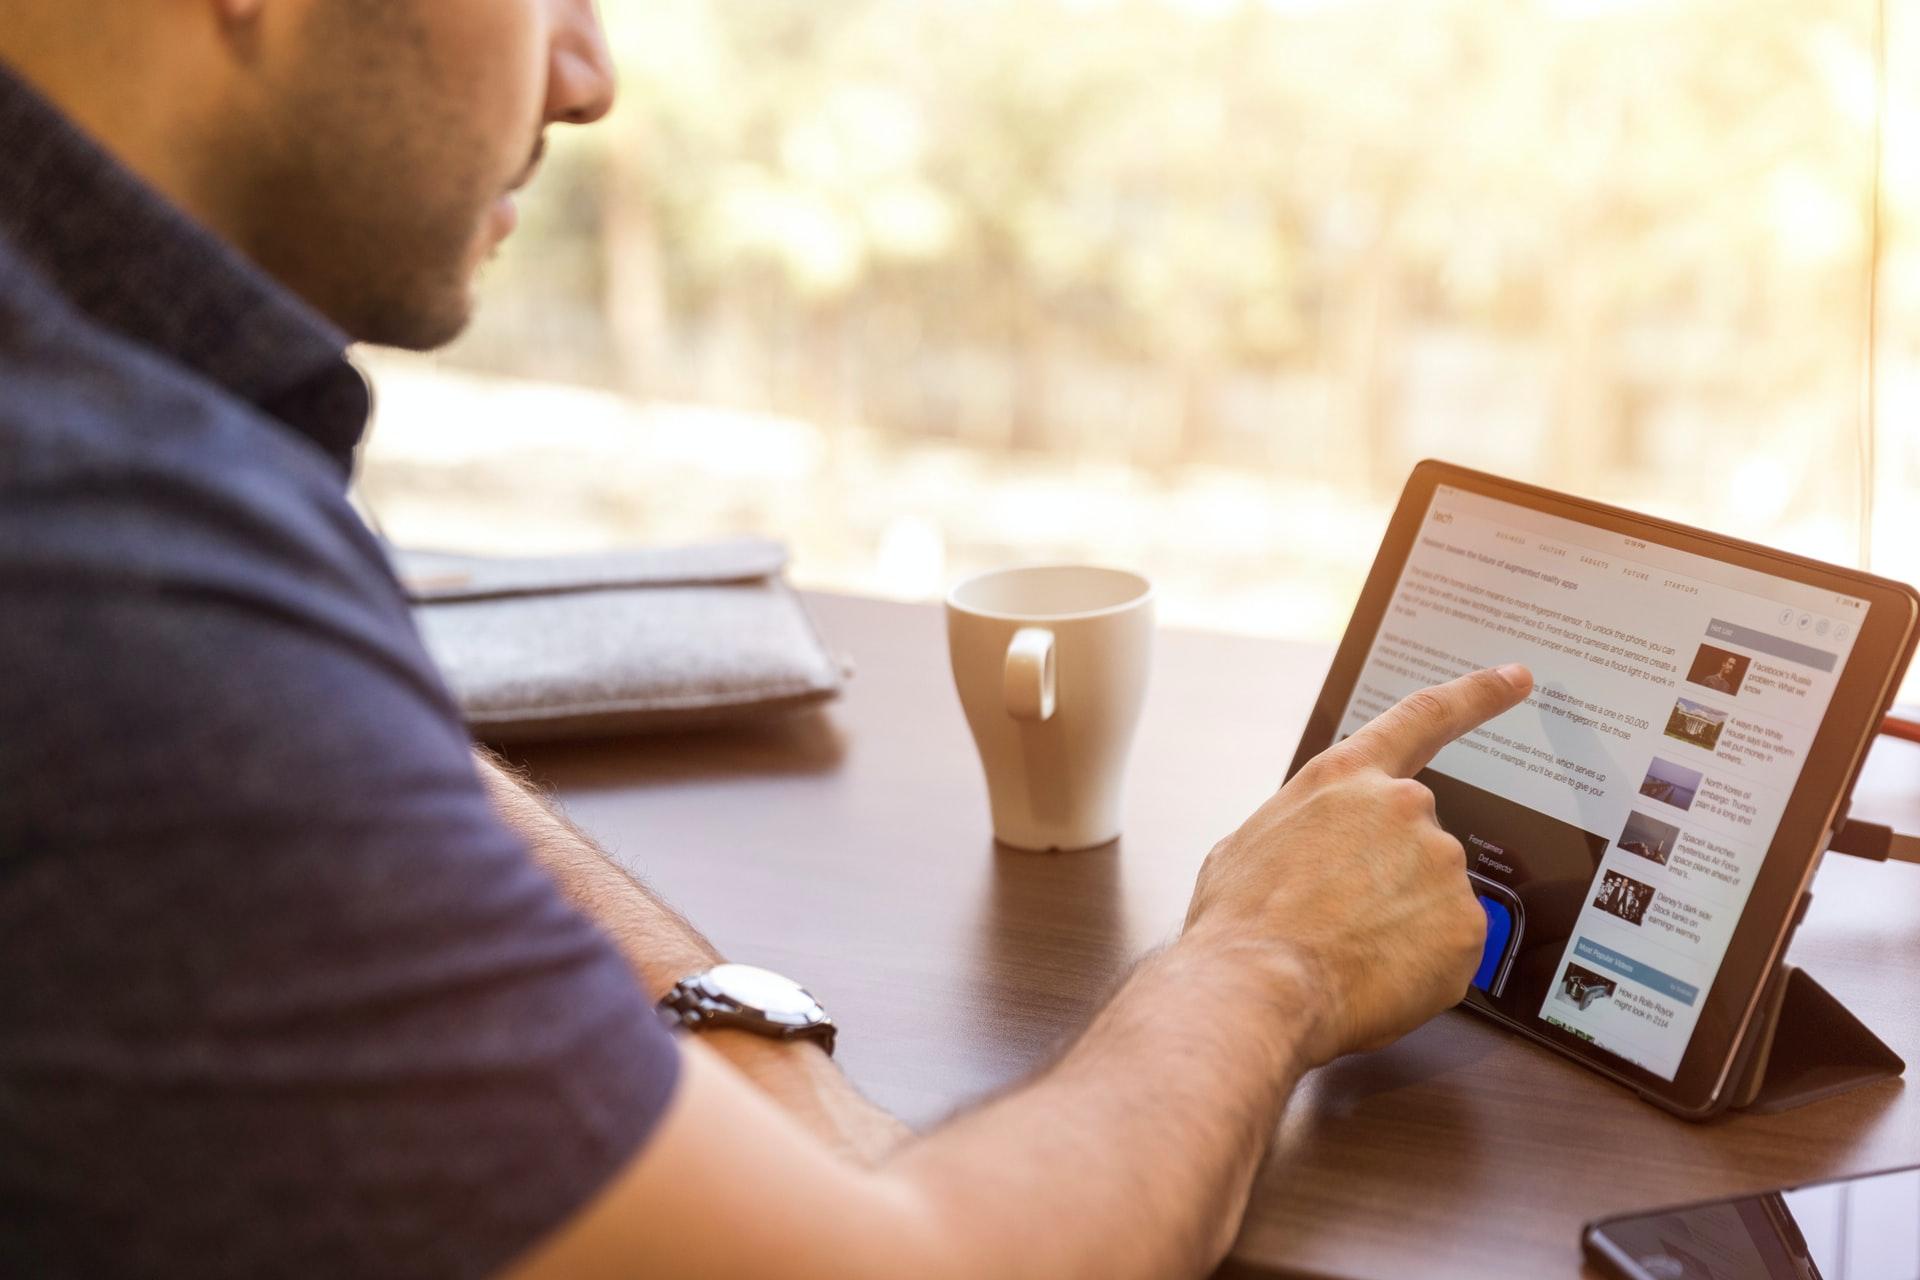 Chrome-os-tablet